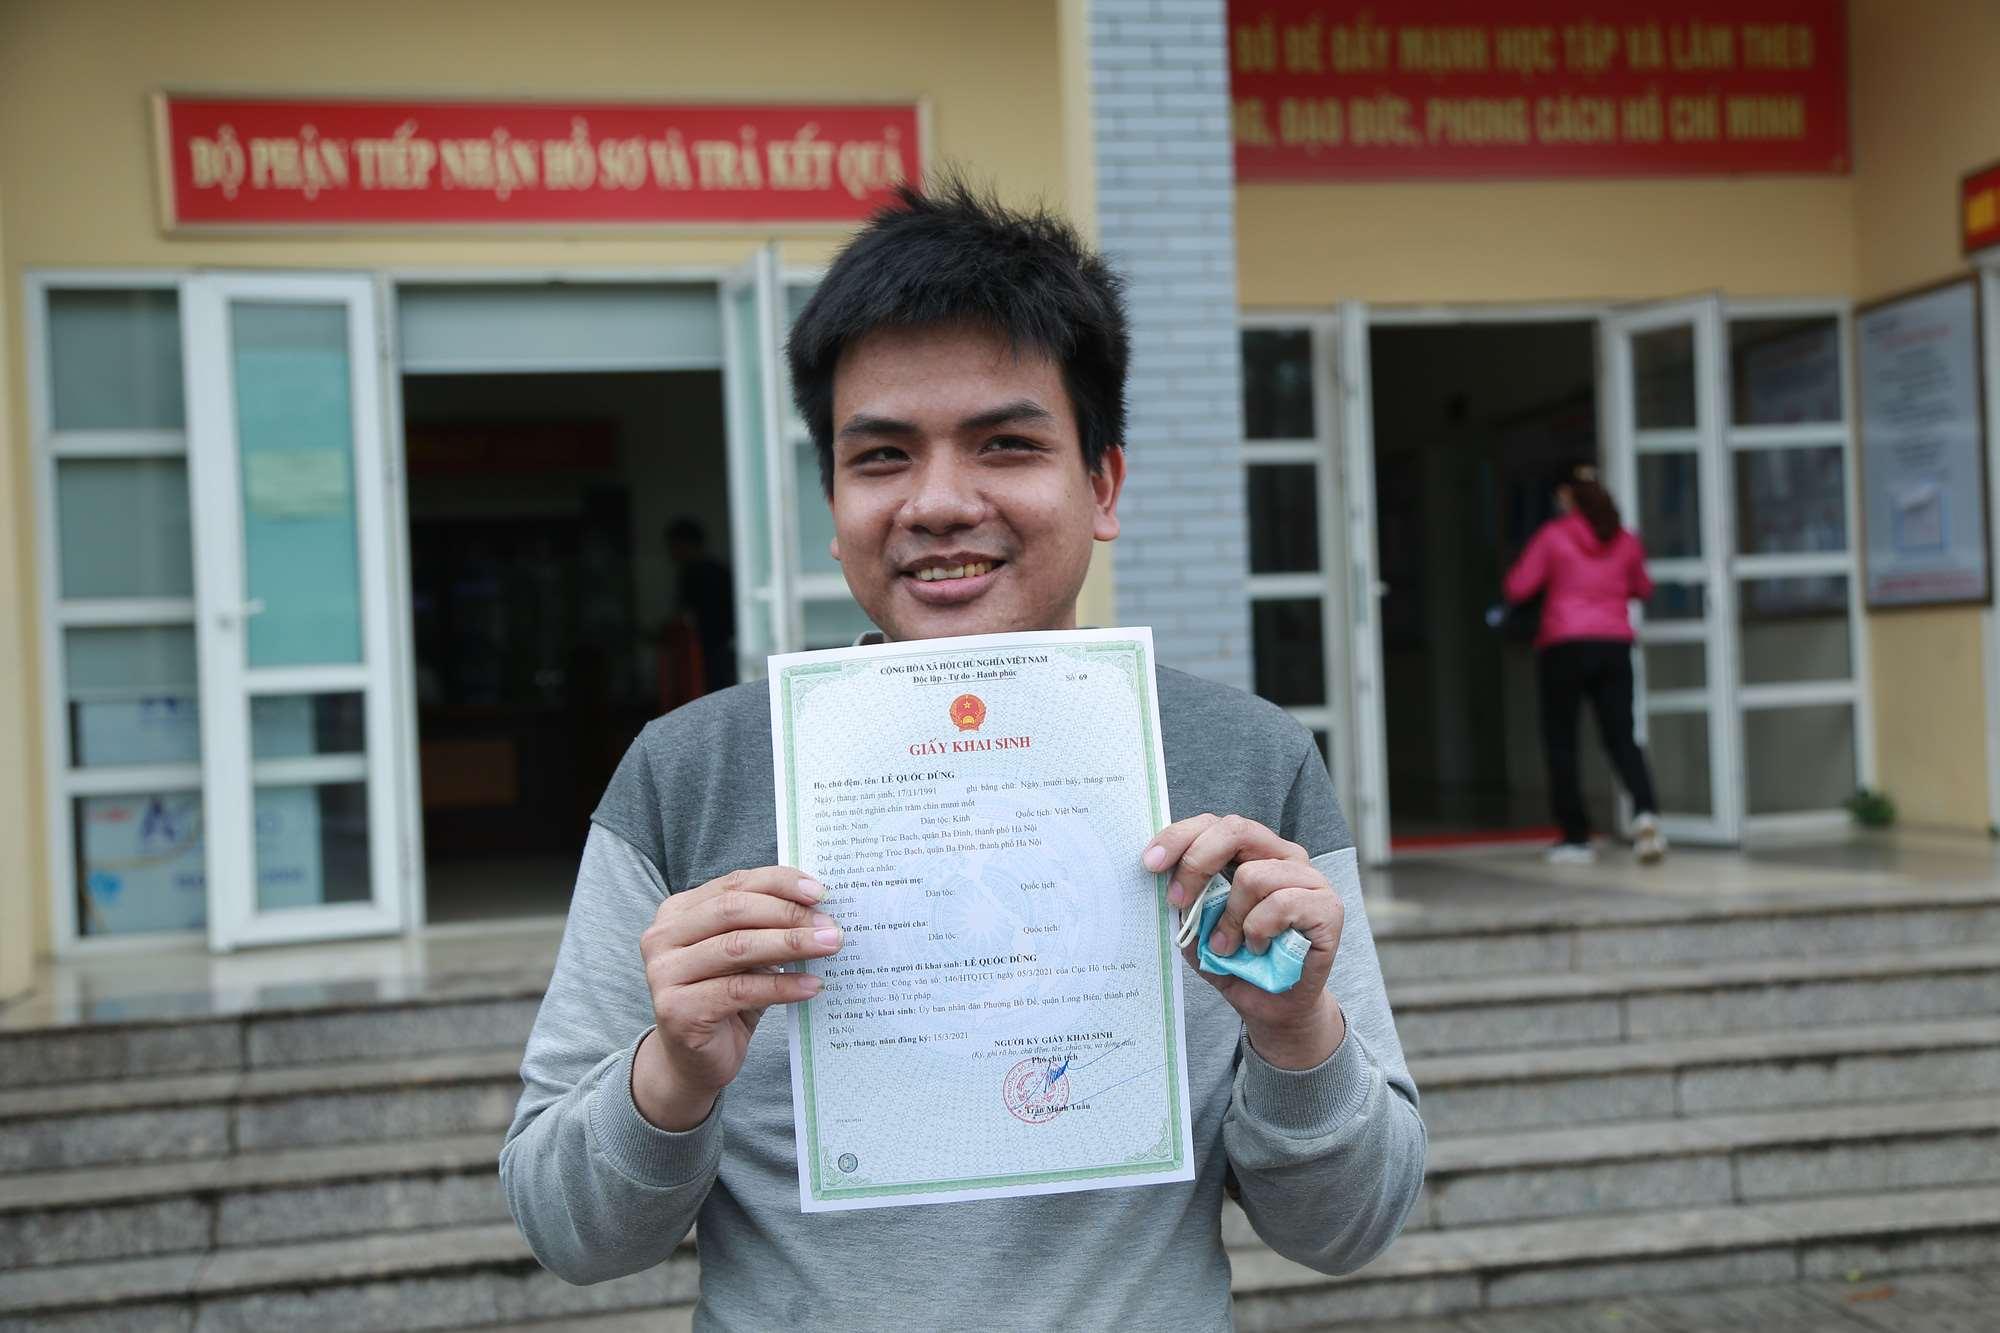 Anh Dũng mừng rỡ khi lần đầu tiên trong 30 năm cuộc đờicó giấy khai sinh. Ảnh: Dân Việt.